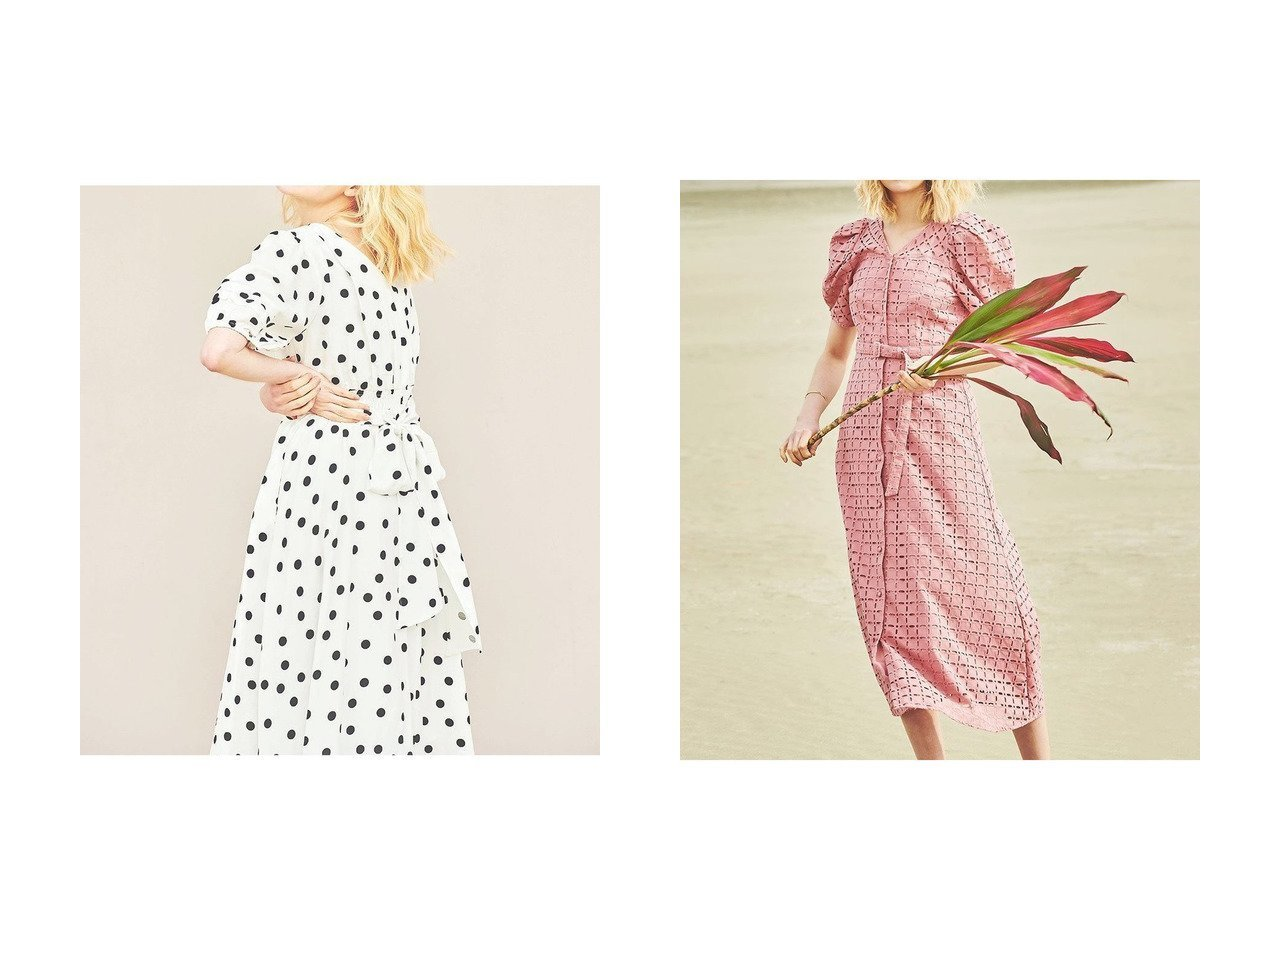 【The Virgnia/ザ ヴァージニア】のカシュクール2WAYワンピース&カットワーク幾何学刺しゅうワンピース 【ワンピース・ドレス】おすすめ!人気、トレンド・レディースファッションの通販 おすすめで人気の流行・トレンド、ファッションの通販商品 メンズファッション・キッズファッション・インテリア・家具・レディースファッション・服の通販 founy(ファニー) https://founy.com/ ファッション Fashion レディースファッション WOMEN ワンピース Dress イエロー カシュクール スリーブ ドット ロング クラシカル コルセット ワーク 切替  ID:crp329100000038647